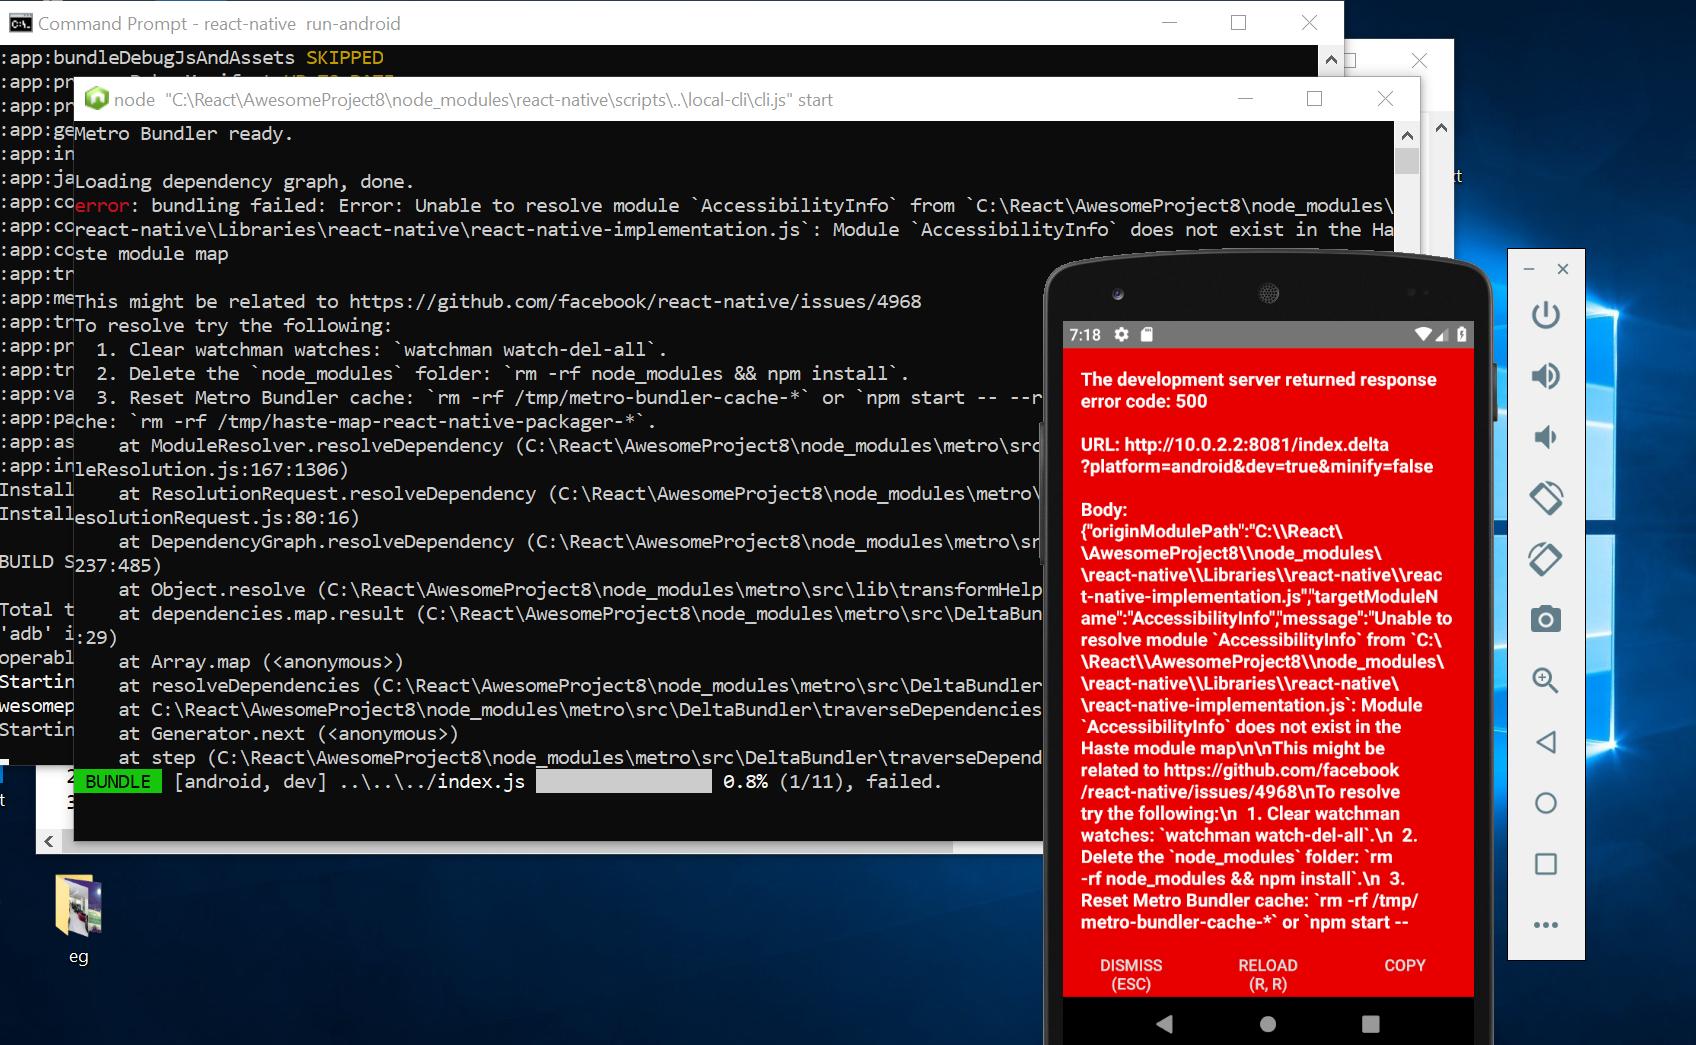 The development server returned response error code: 500